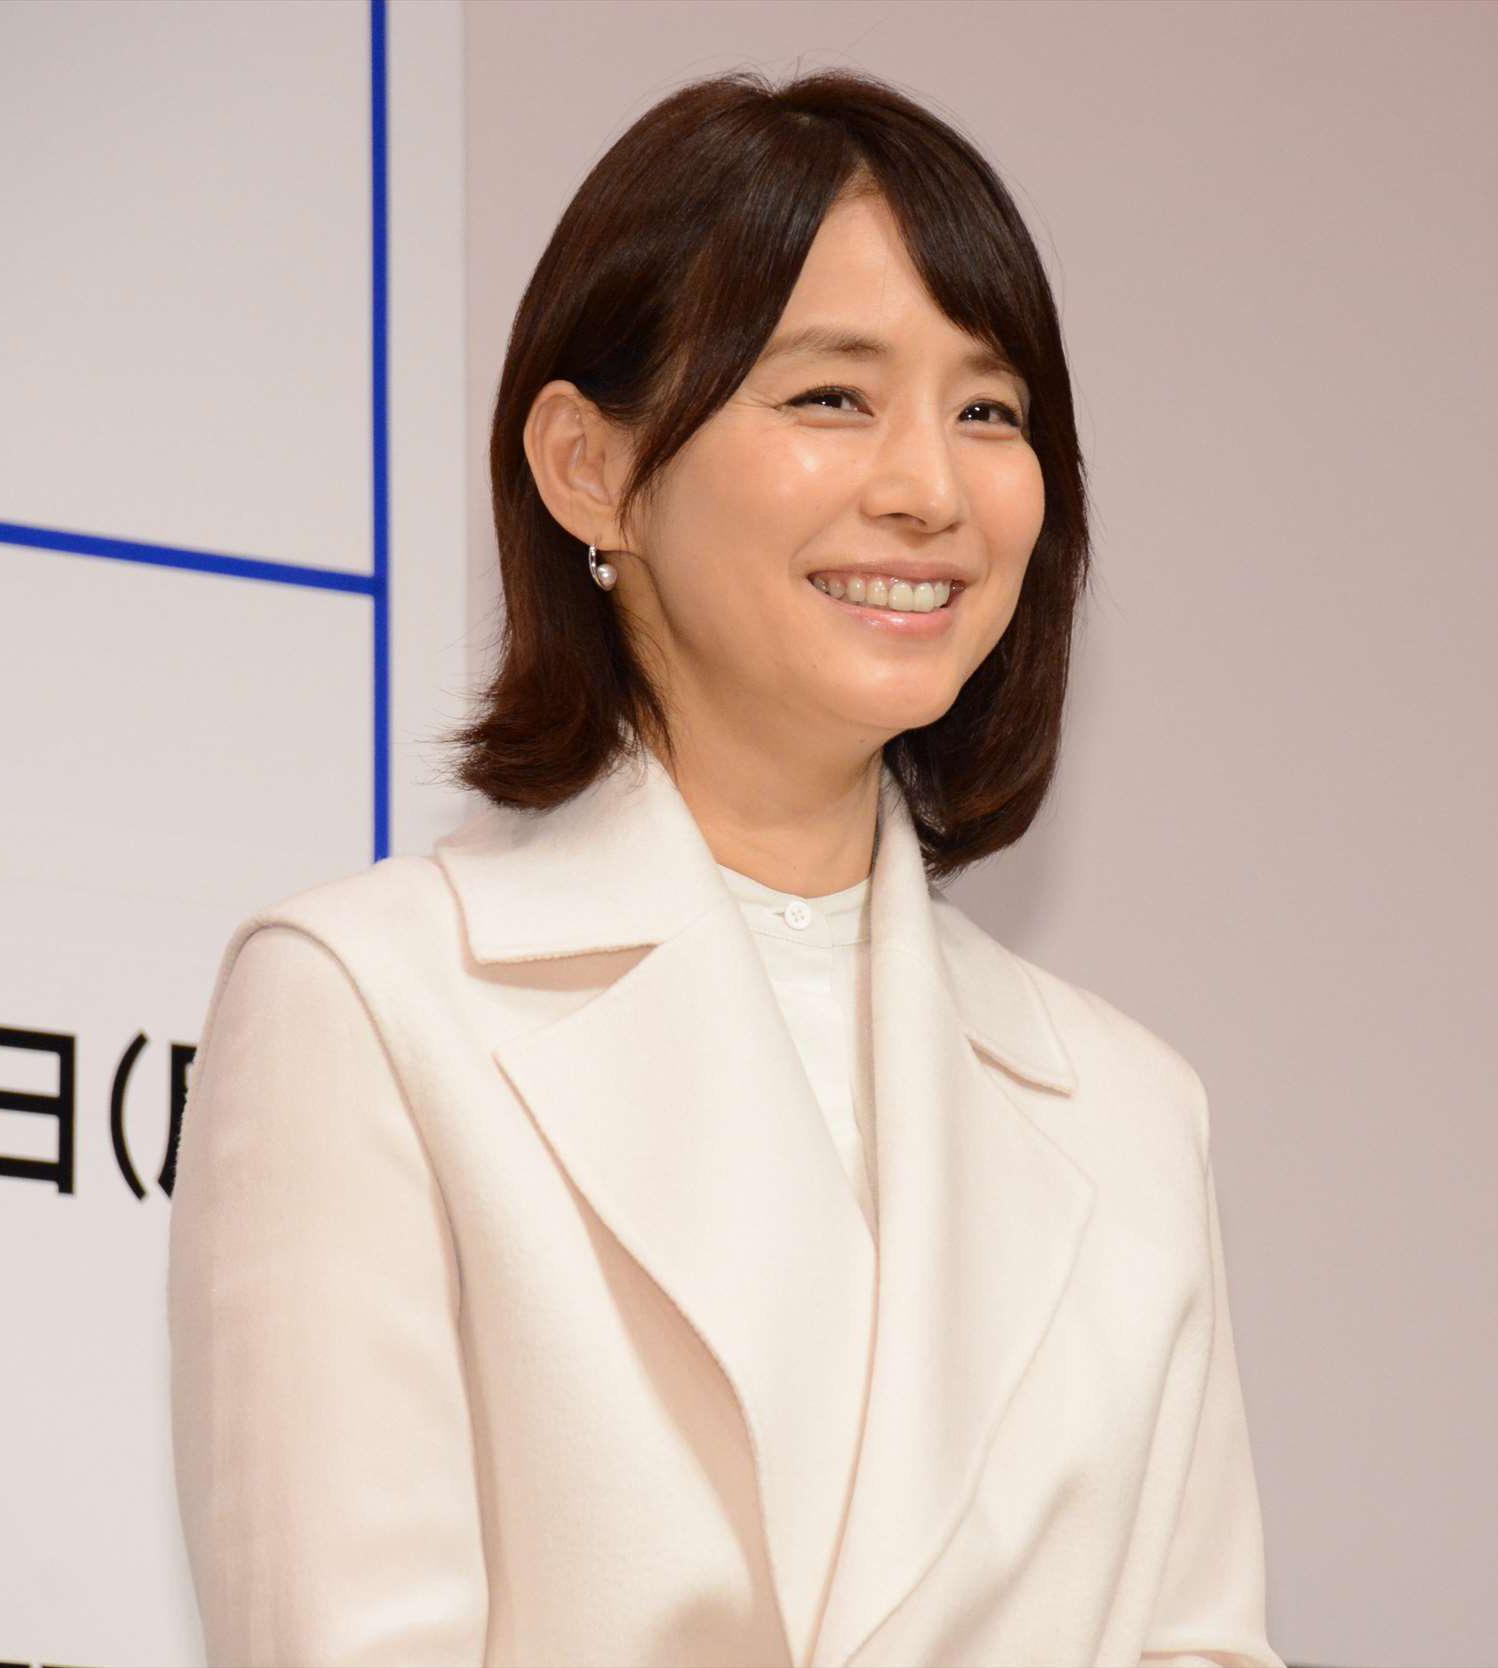 田中圭 高橋一生のセクシーシーンにスペシャルゲスト登場で歓喜